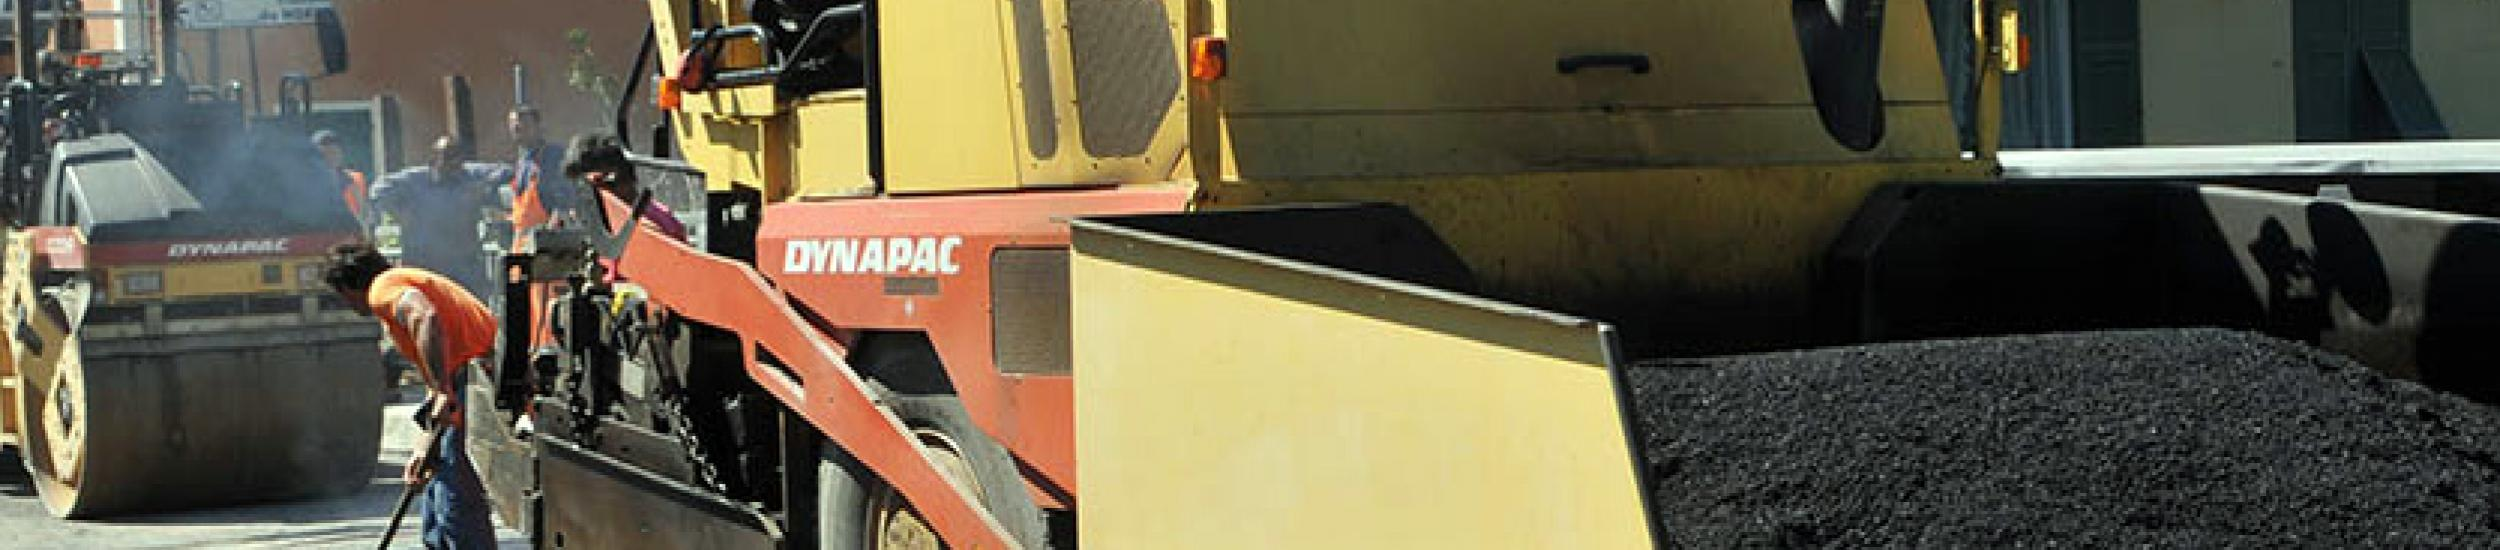 News: Strade, sulla sp62 tratto chiuso sino al completo ripristino